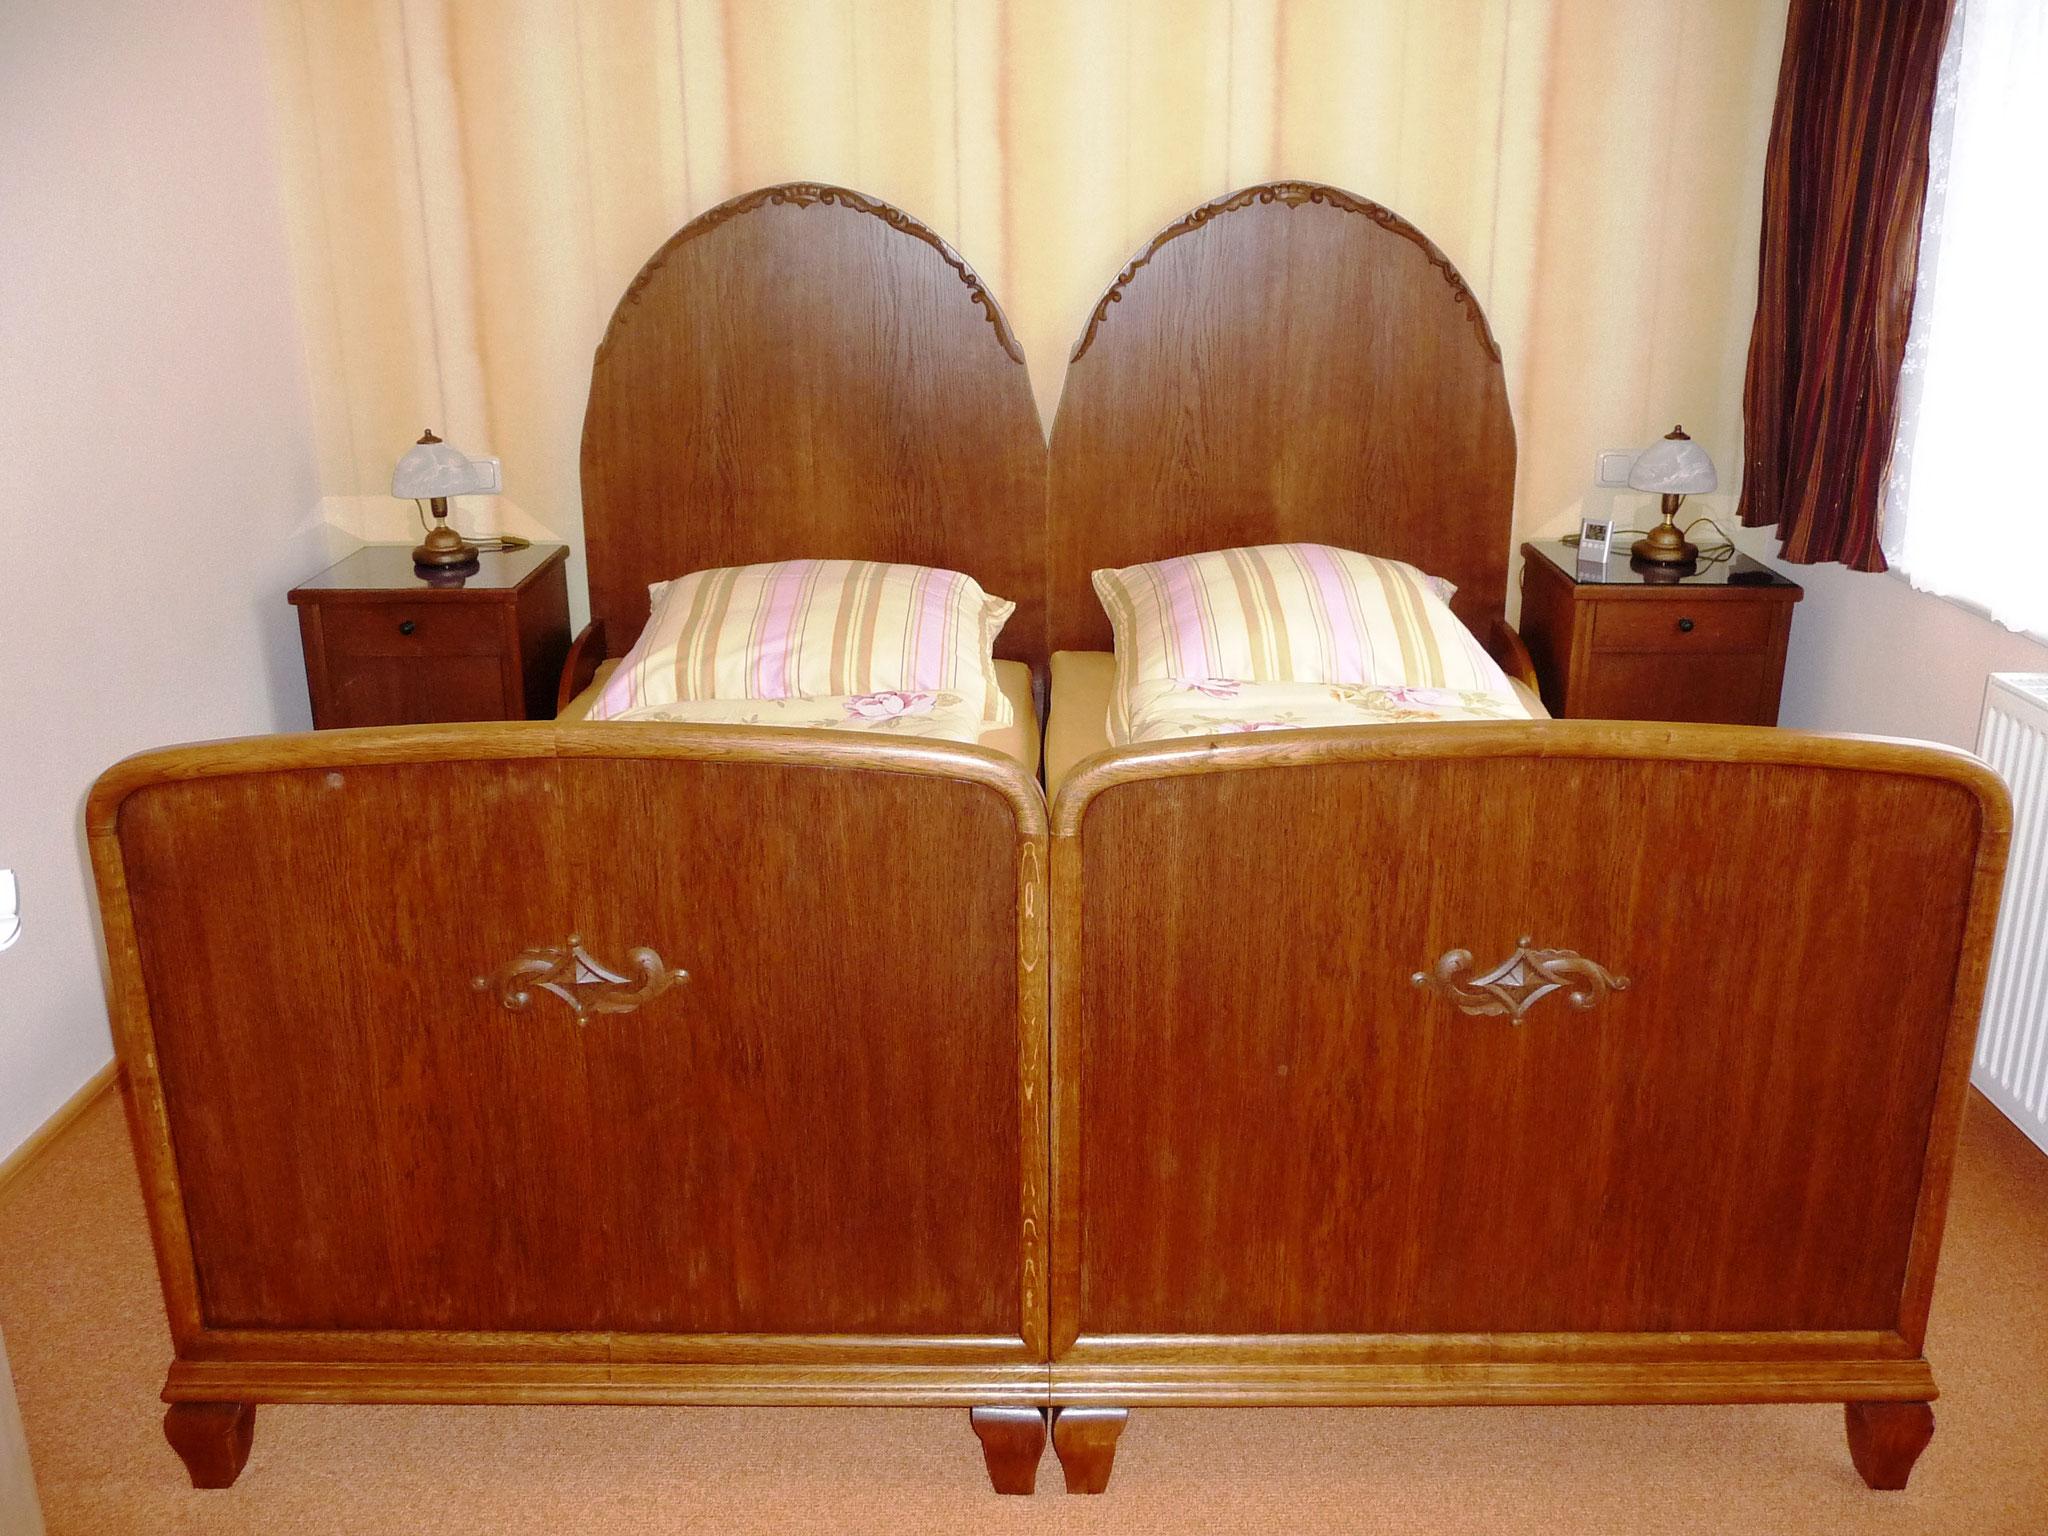 Erholung im Urlaub - das ist auch entspannender Schlaf in einem bequemen Bett.